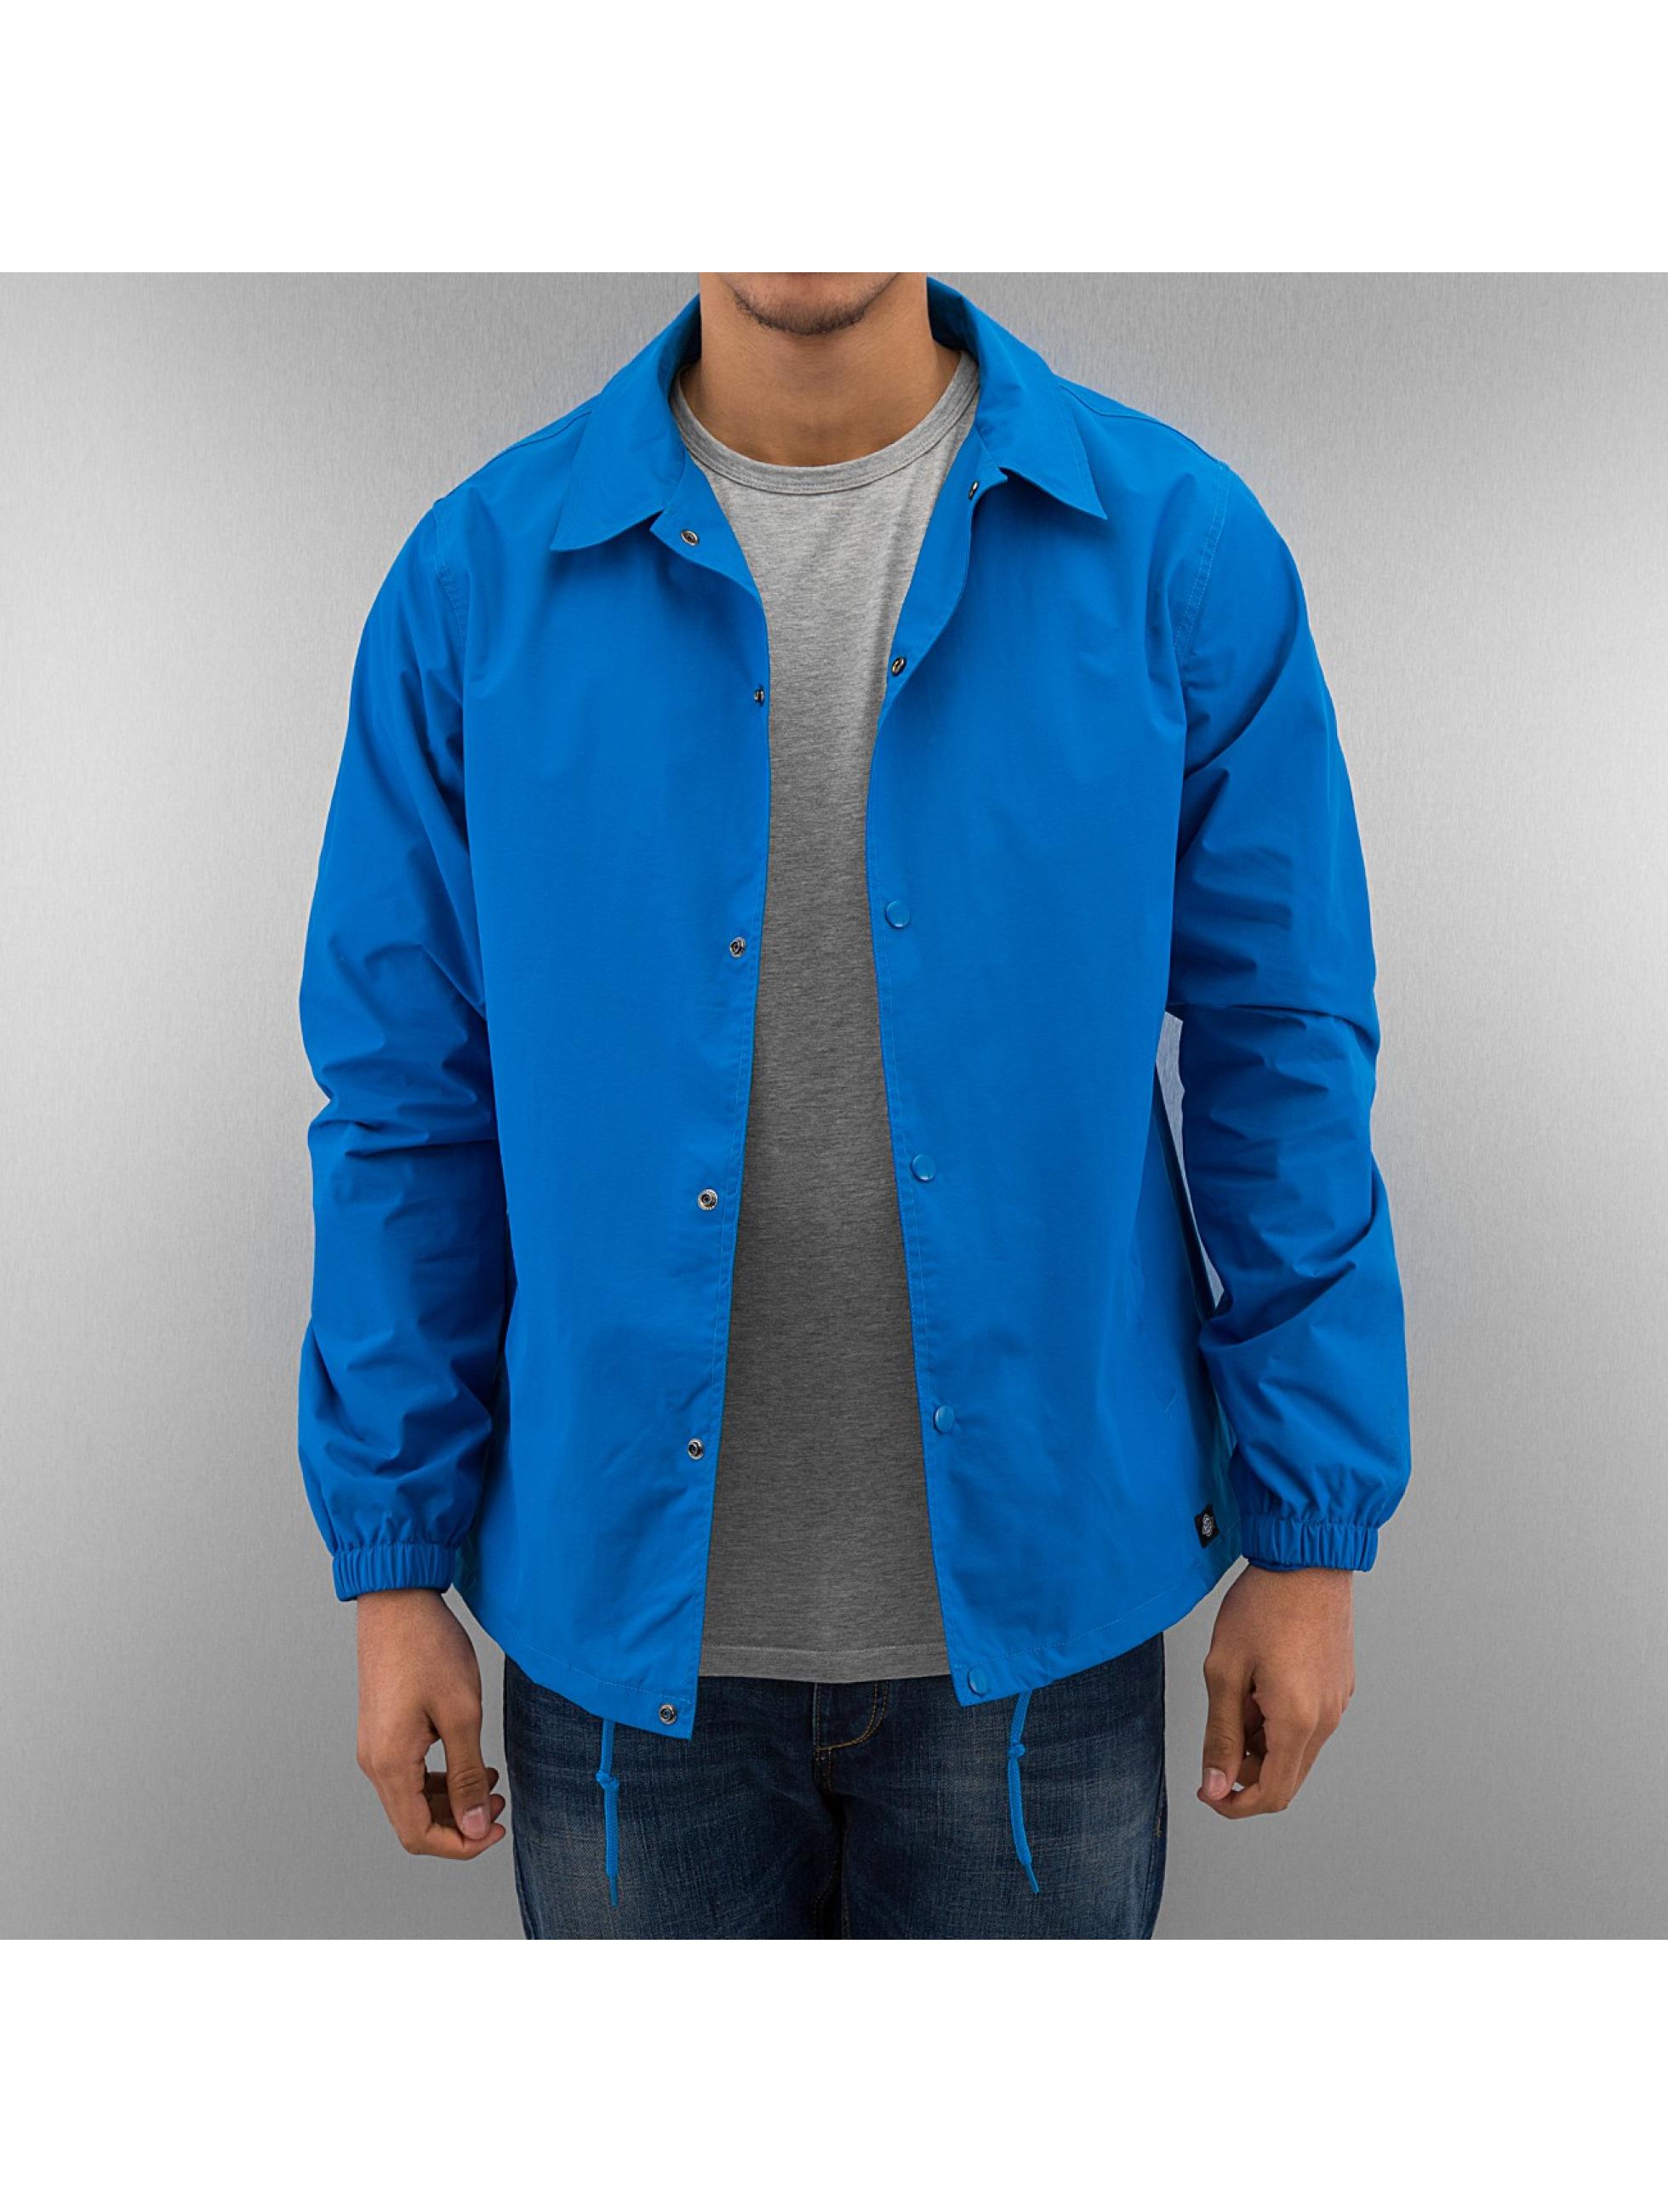 Dickies Torrance Jacket Directorie Blue Sale Angebote